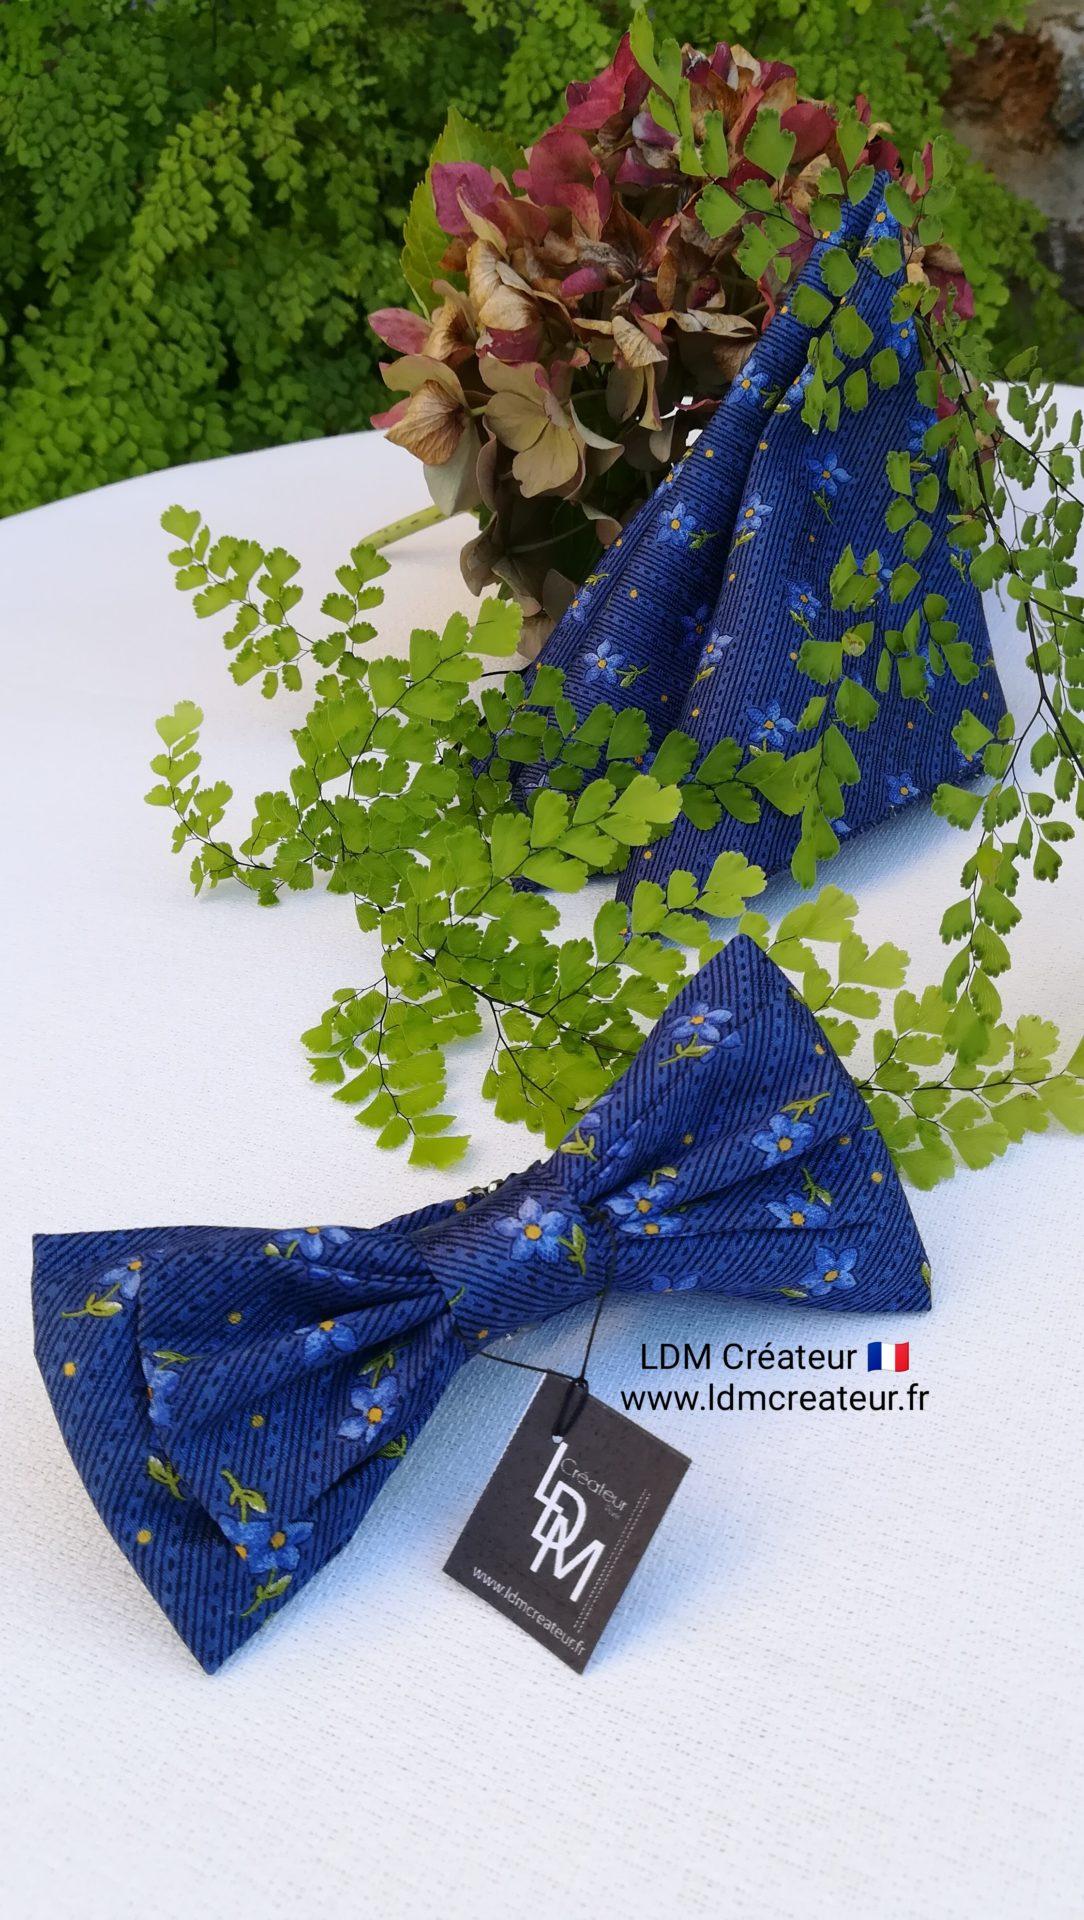 noeud-papillon-bleu-marine-electrique-original-nature-homme-mariage-Monarque-LDM-createur-ldmcreateur